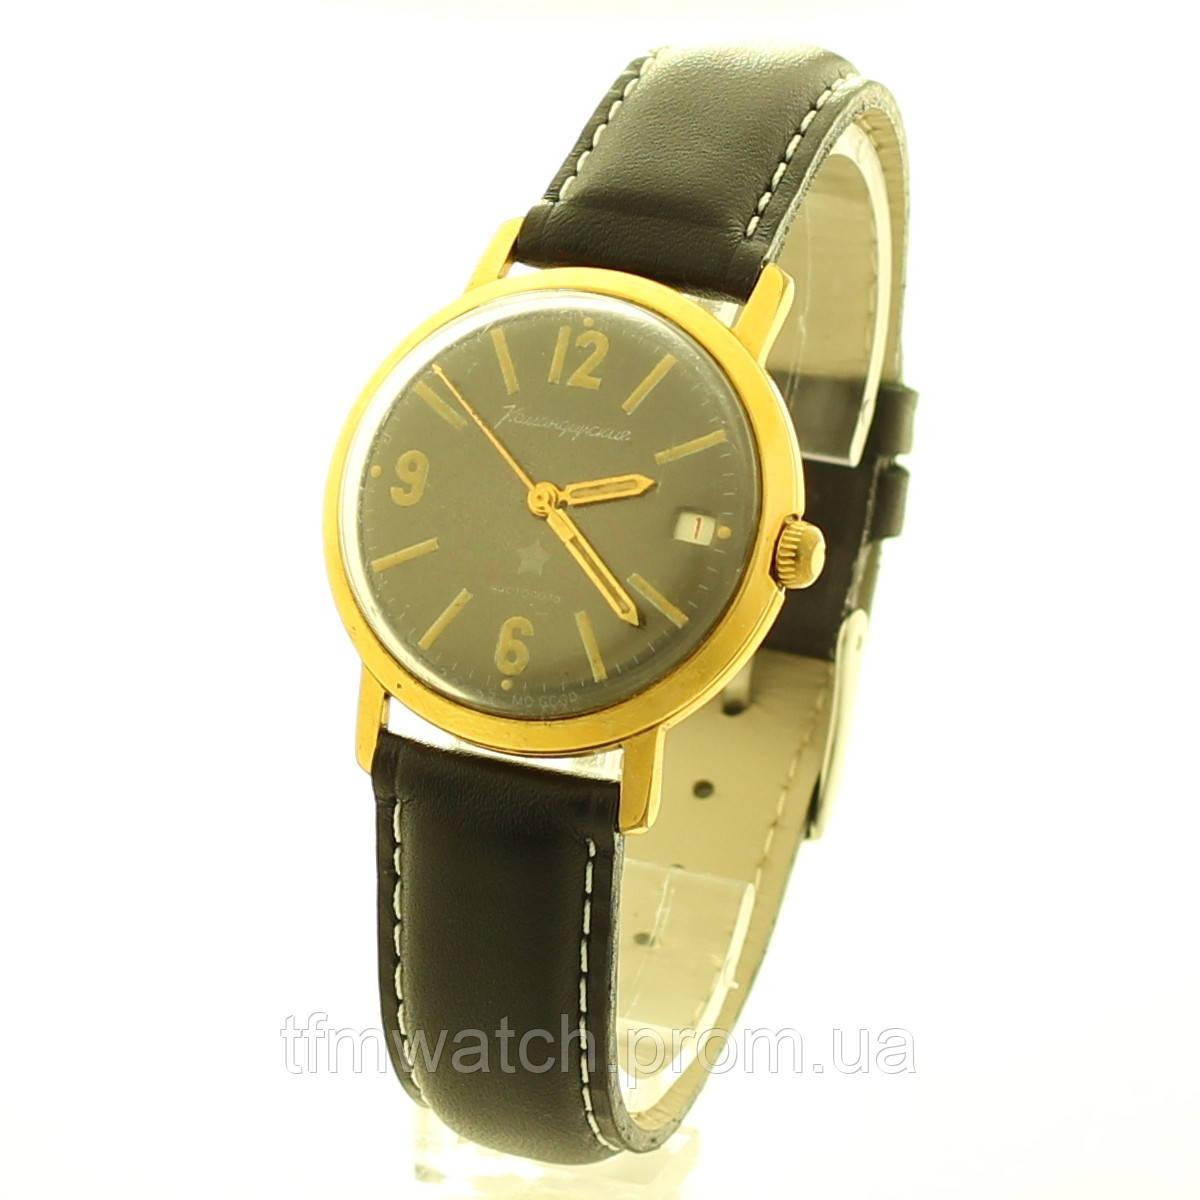 Часы наручные механические командирские цена мужские часы копии купить интернет магазин